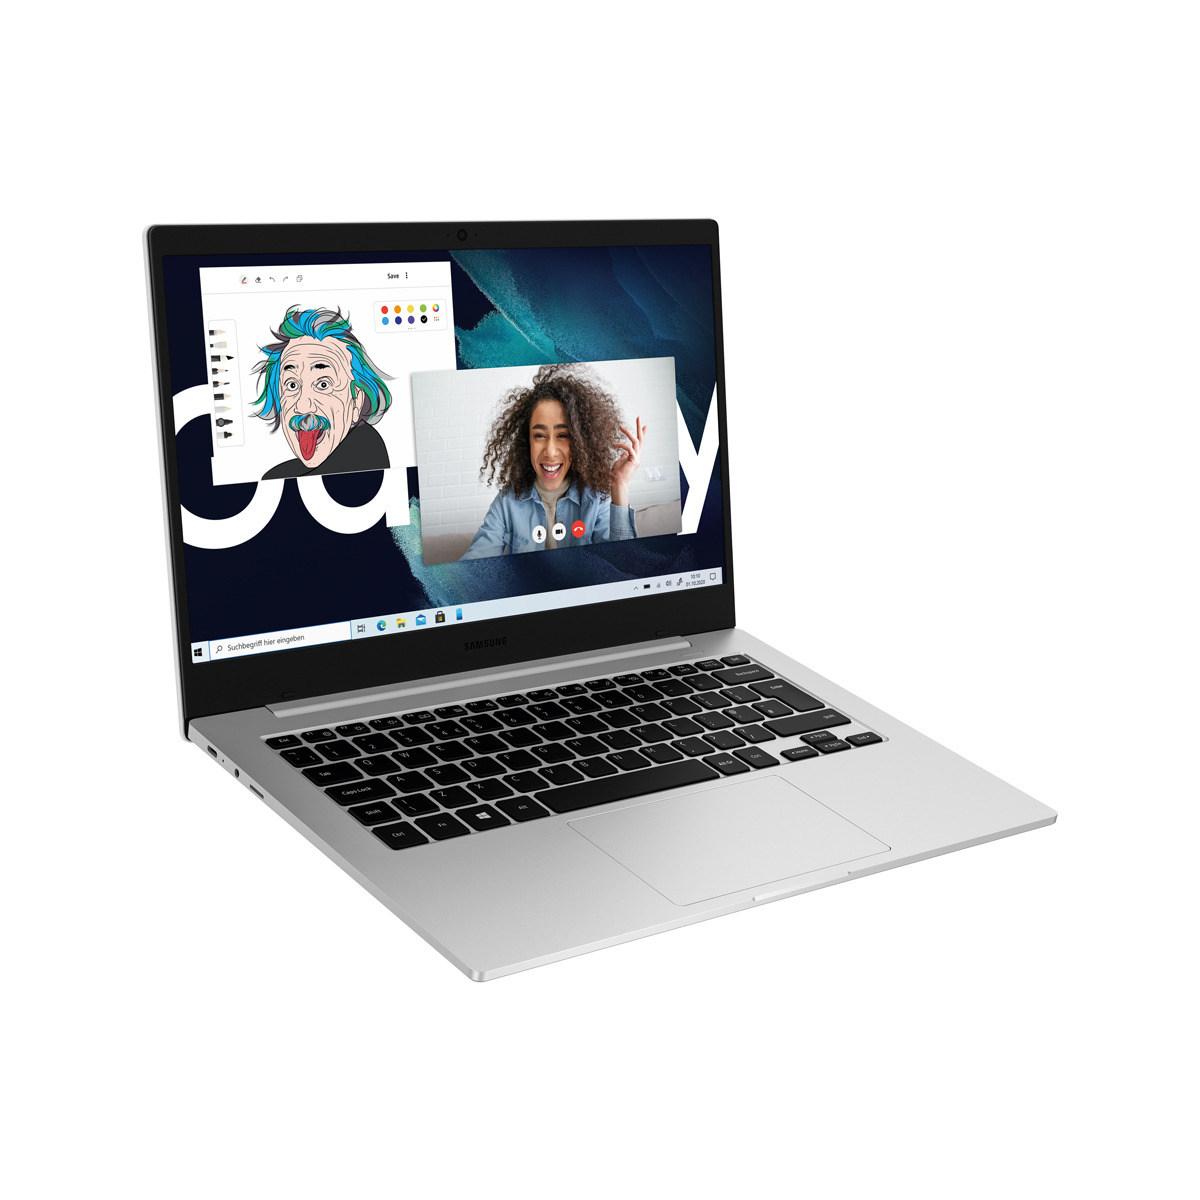 Samsung Galaxy Book Go es una computadora portátil ARM asequible con Windows 10